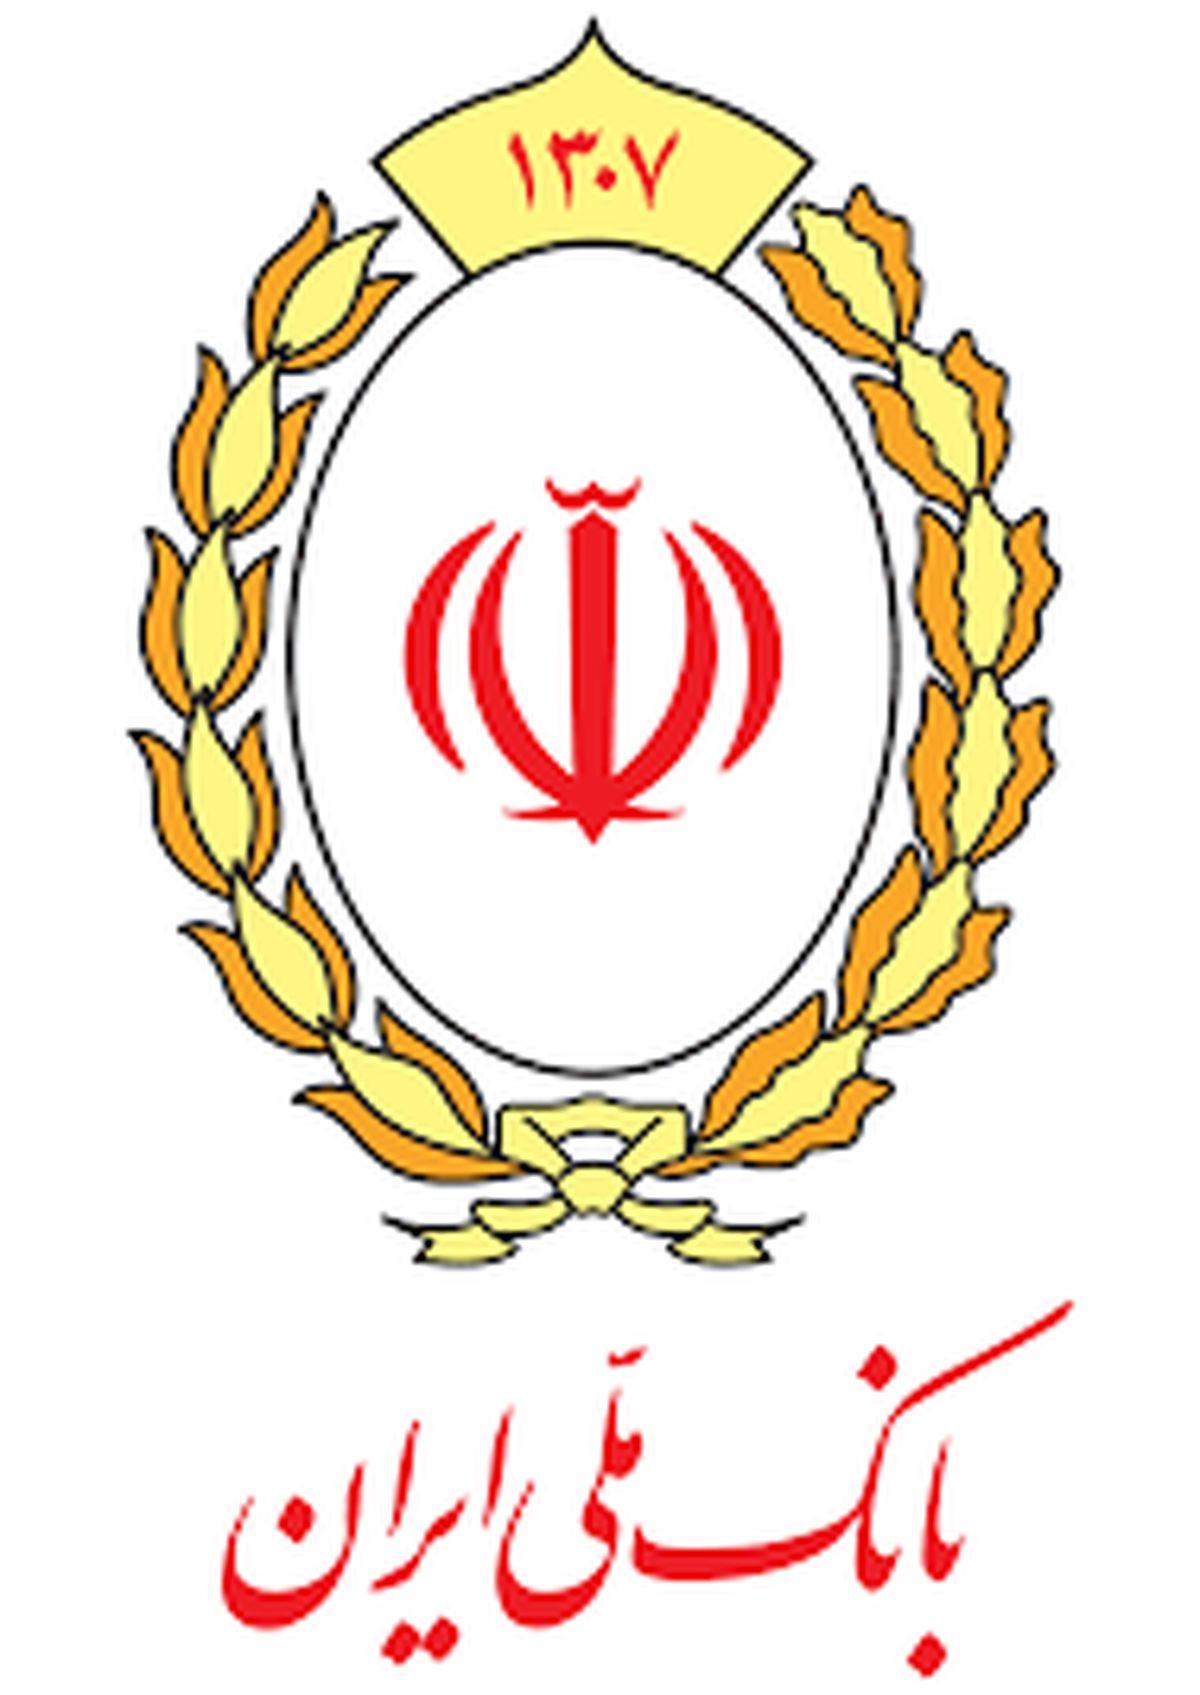 NPL بانک ملی ایران به 5/77 درصد کاهش یافت